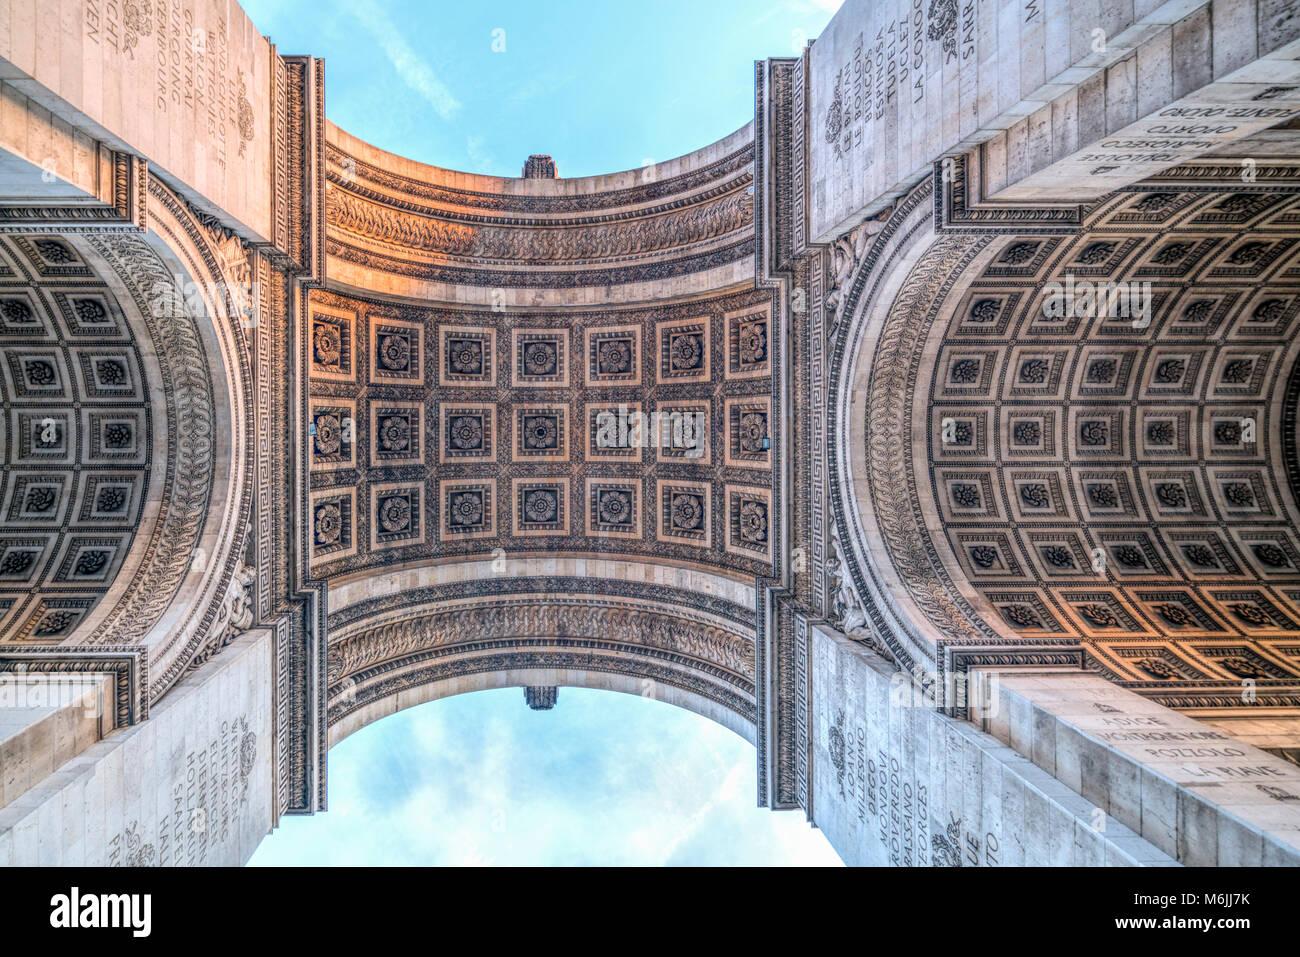 Arc de Triomphe de l'Étoile, low angle view, Paris, France. Photo Stock